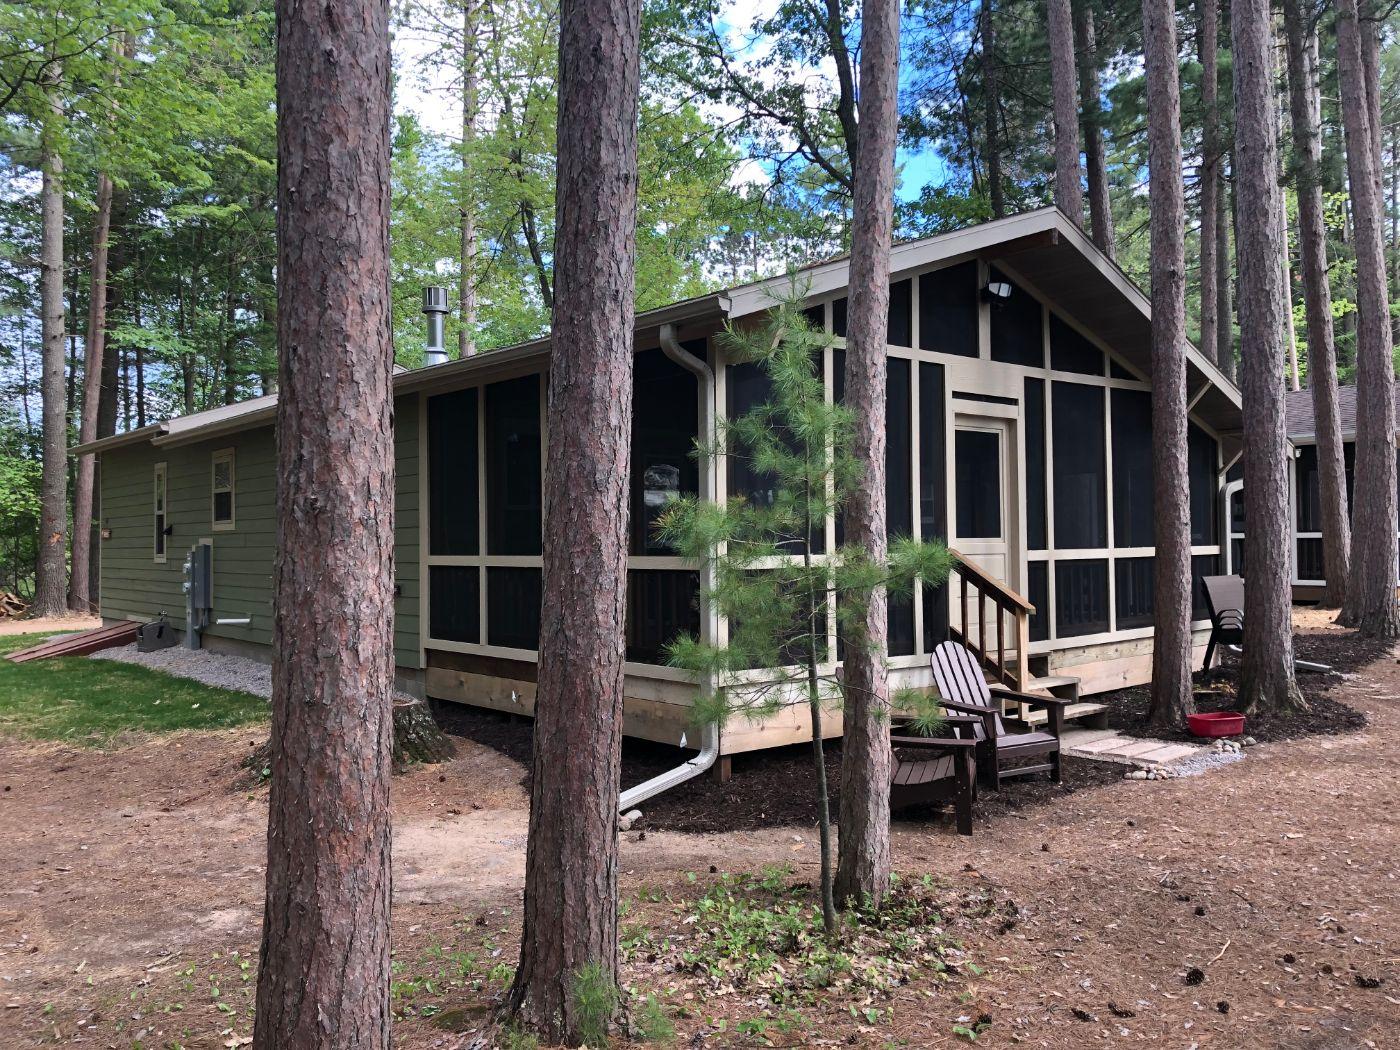 Eagle River Cabin Rental - Bass Cabin